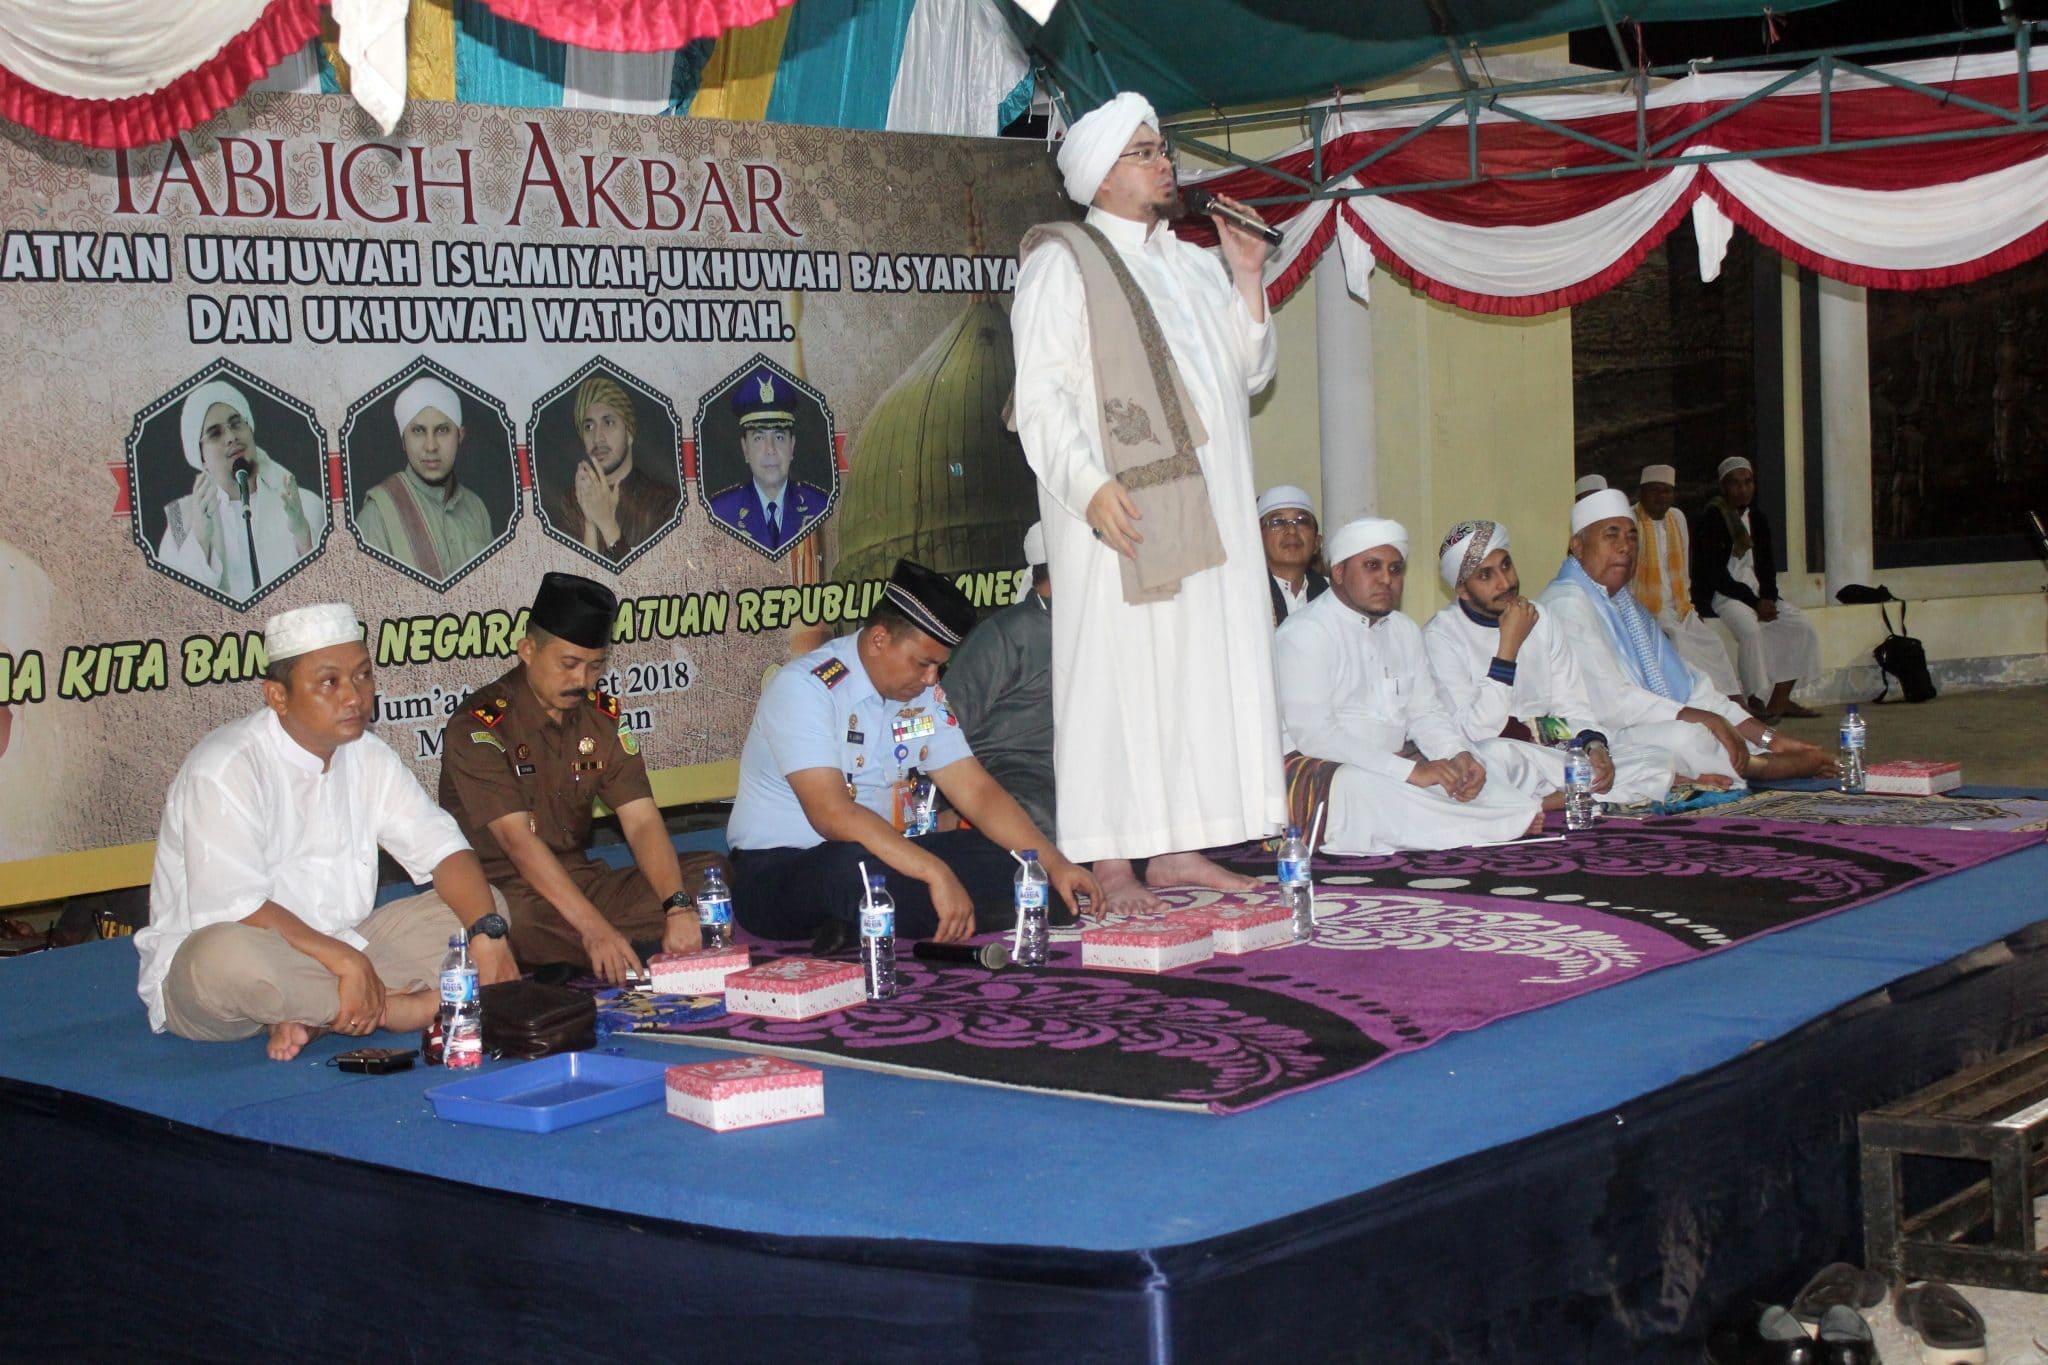 Lanud Lwm Gelar Tabligh Akbar Bersama Masyarakat Morotai